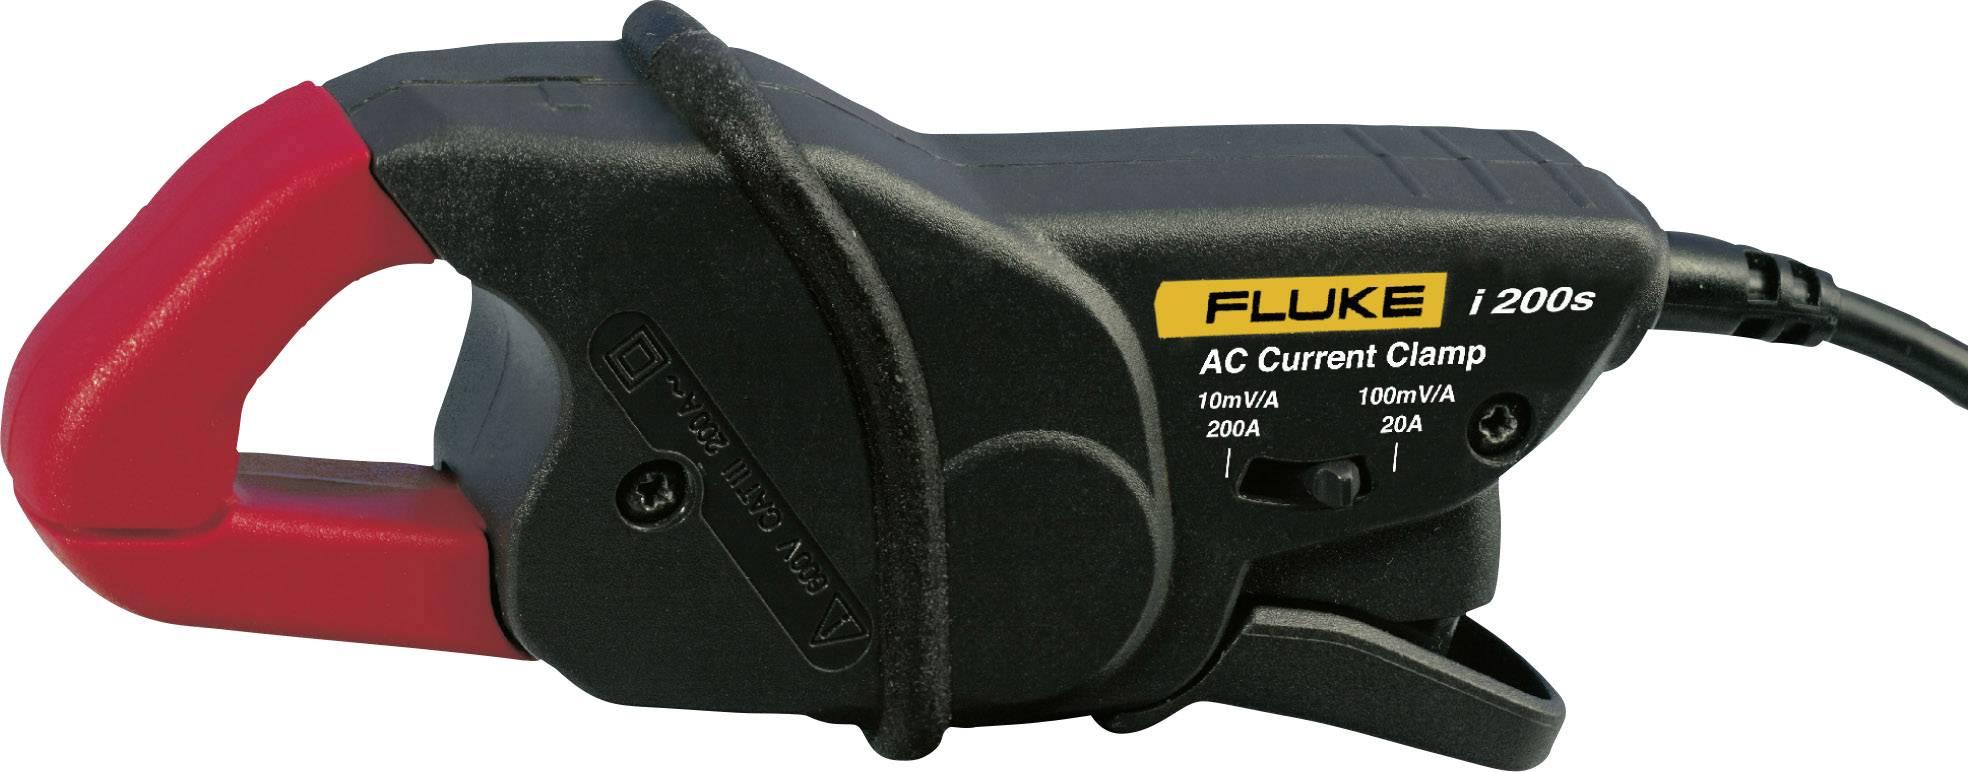 Klešťový proudový adaptér Fluke i200s, 20 mm, bez certifikátu